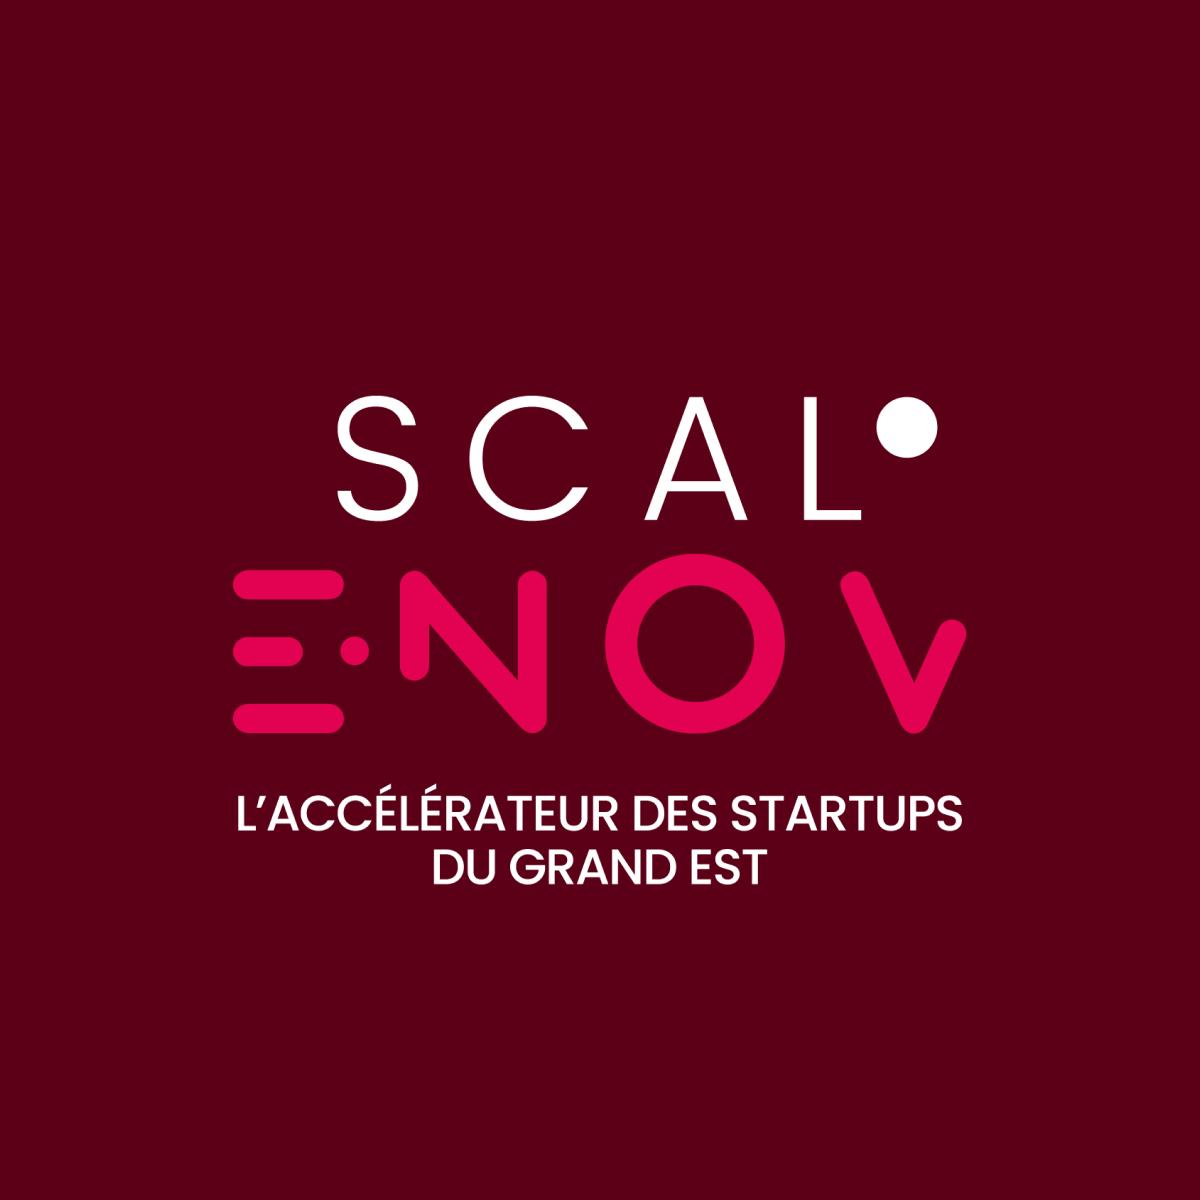 Scale E Nov